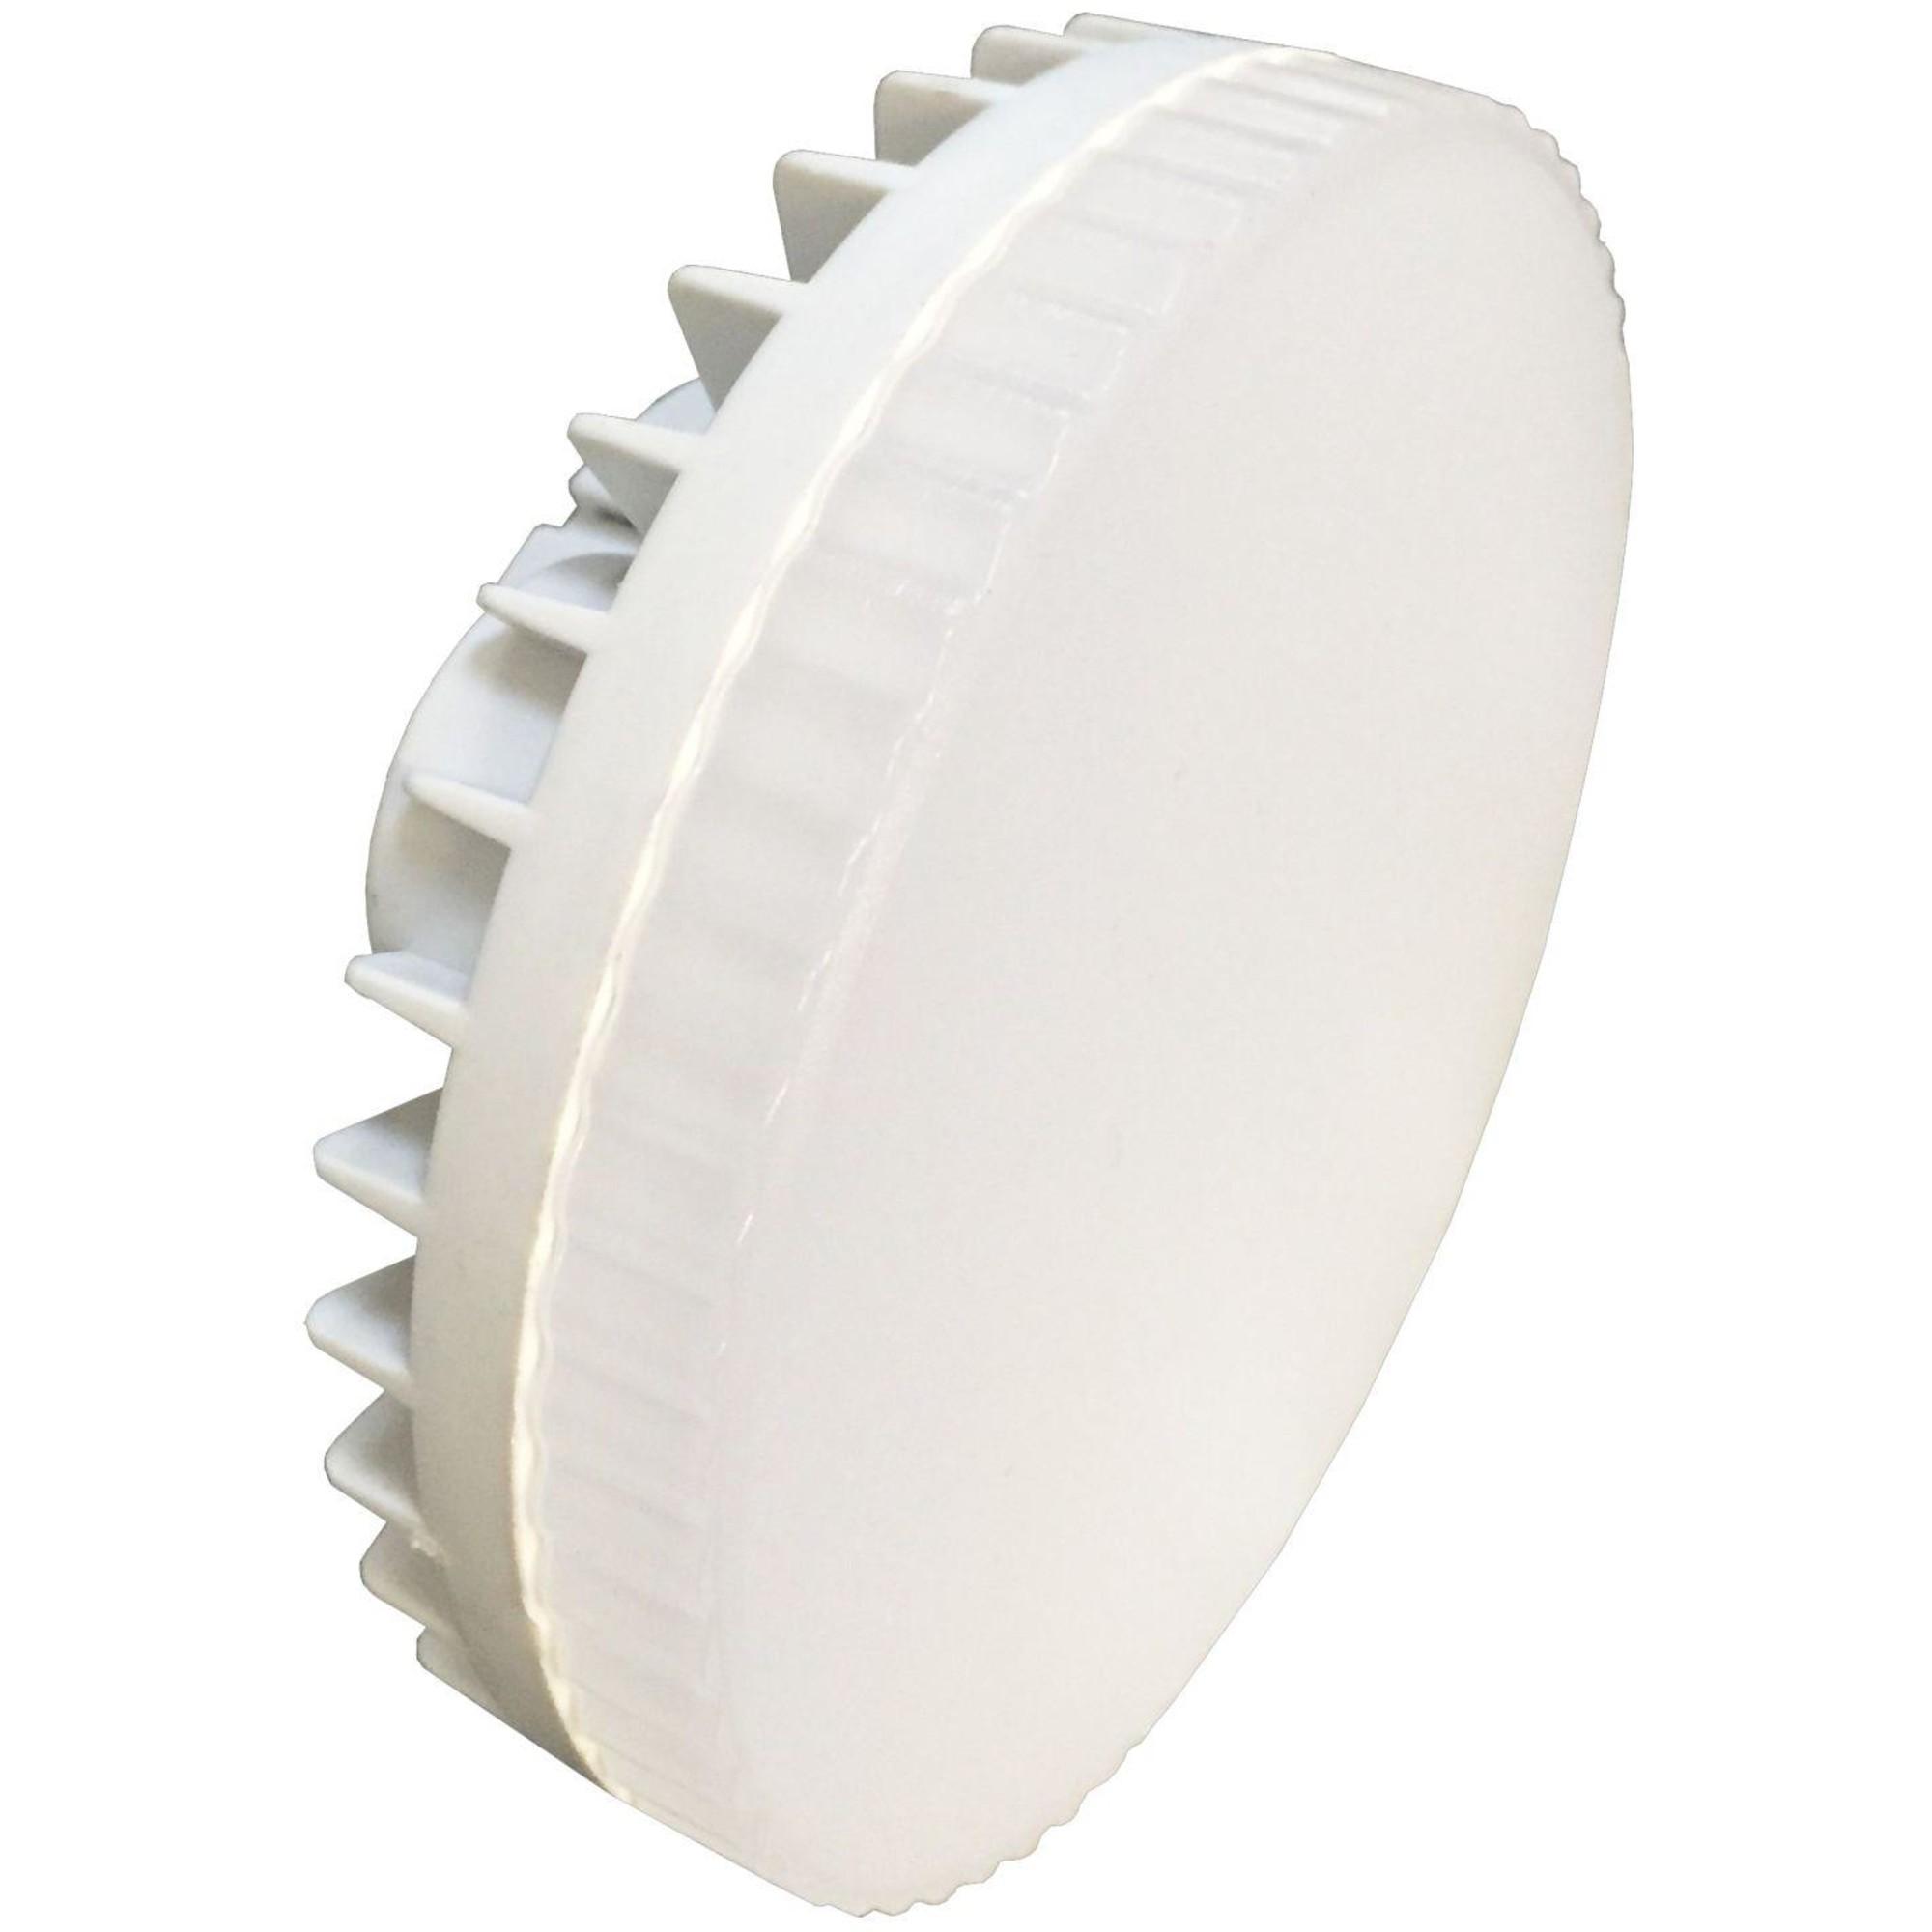 Лампа Ecola light светодионая GX53 8 Вт таблетка 560 Лм теплый свет